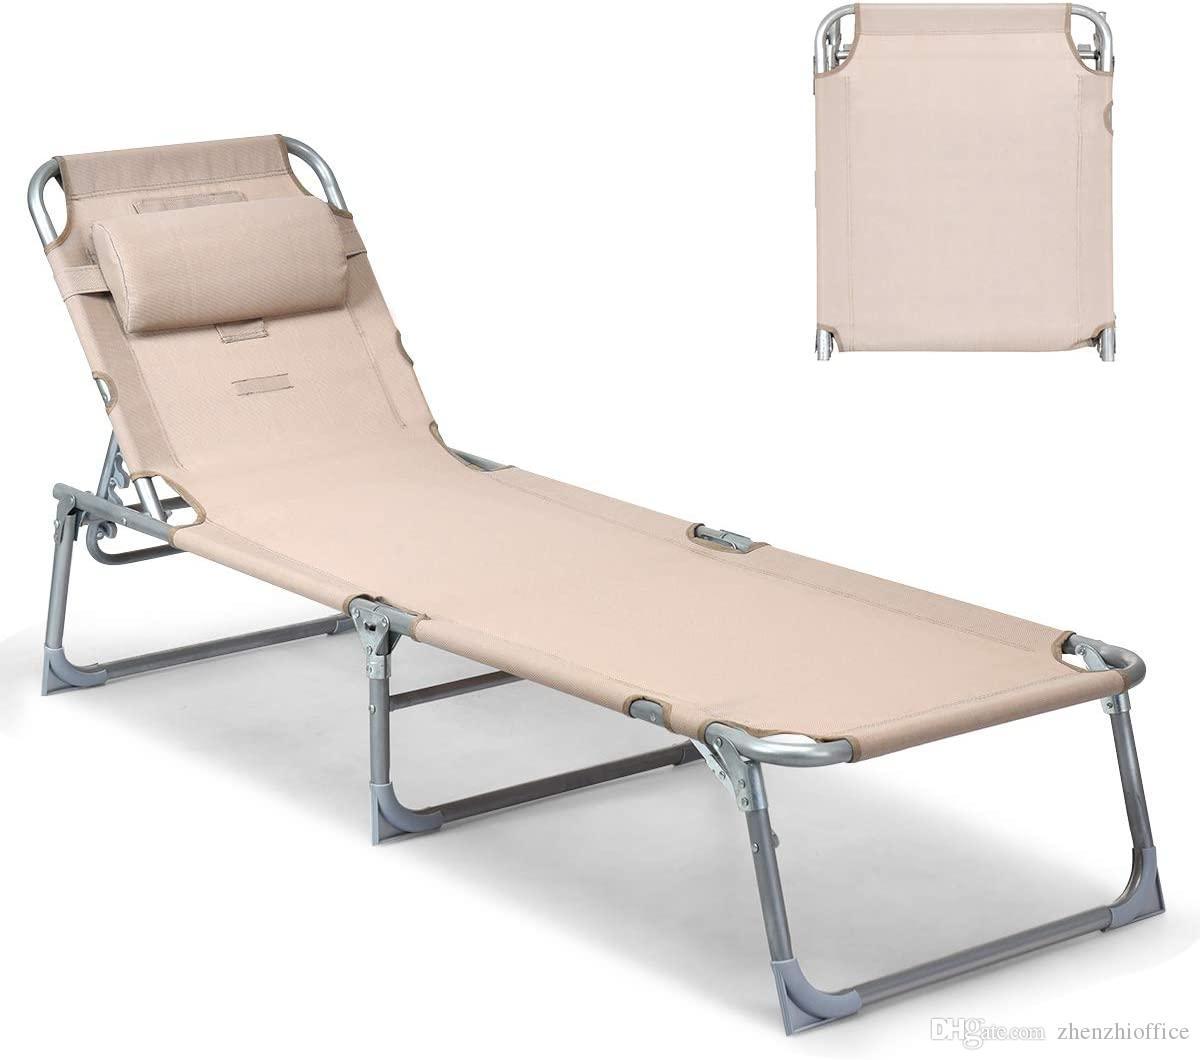 Silla ajustable reclinable Chaise Lounge w / Solarium bronceado cara al suelo agujero de playa al aire libre Patio cubierta (albaricoque)